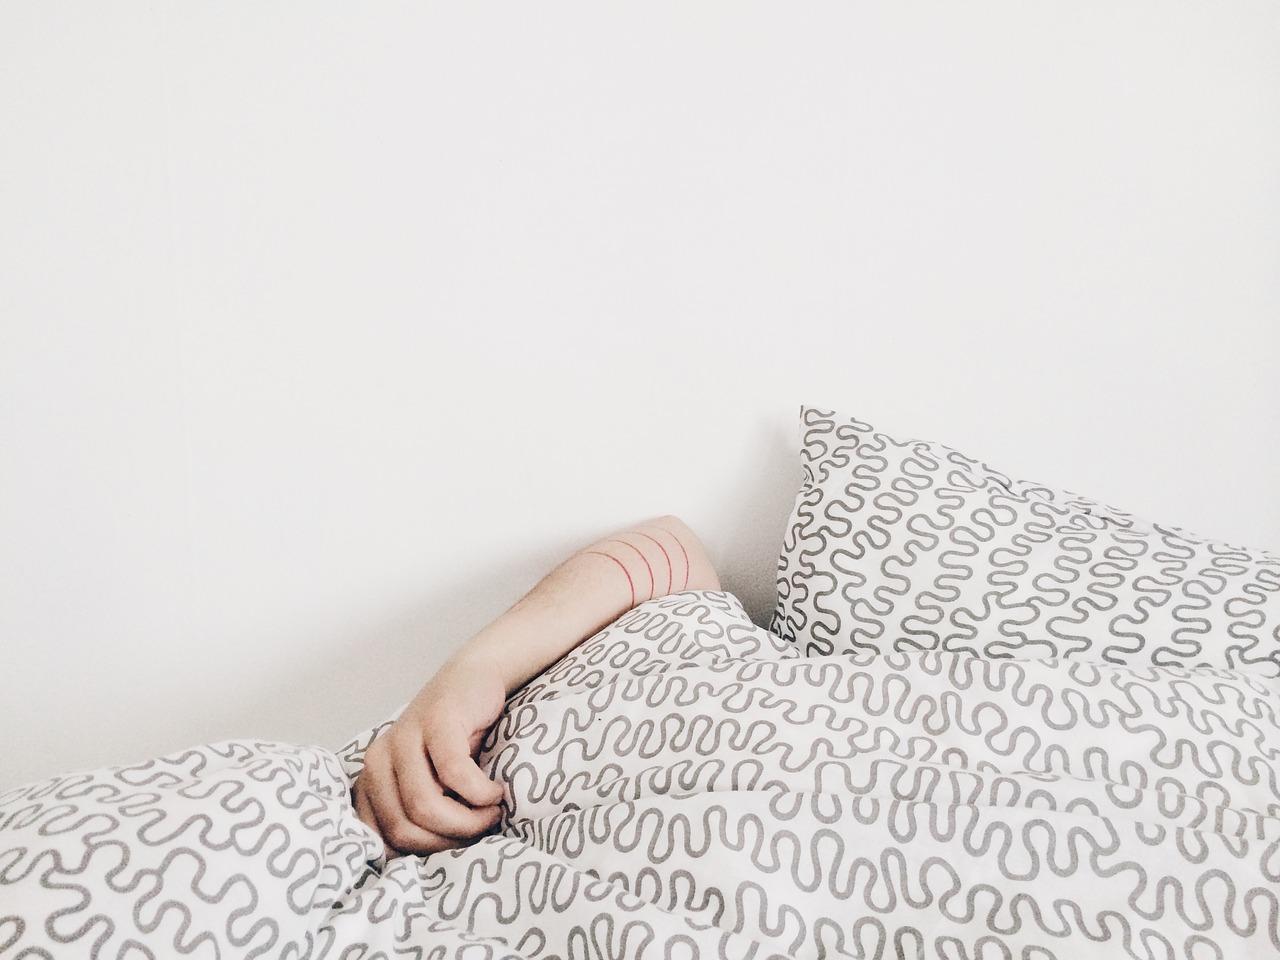 Co wpływa na dobry sen?